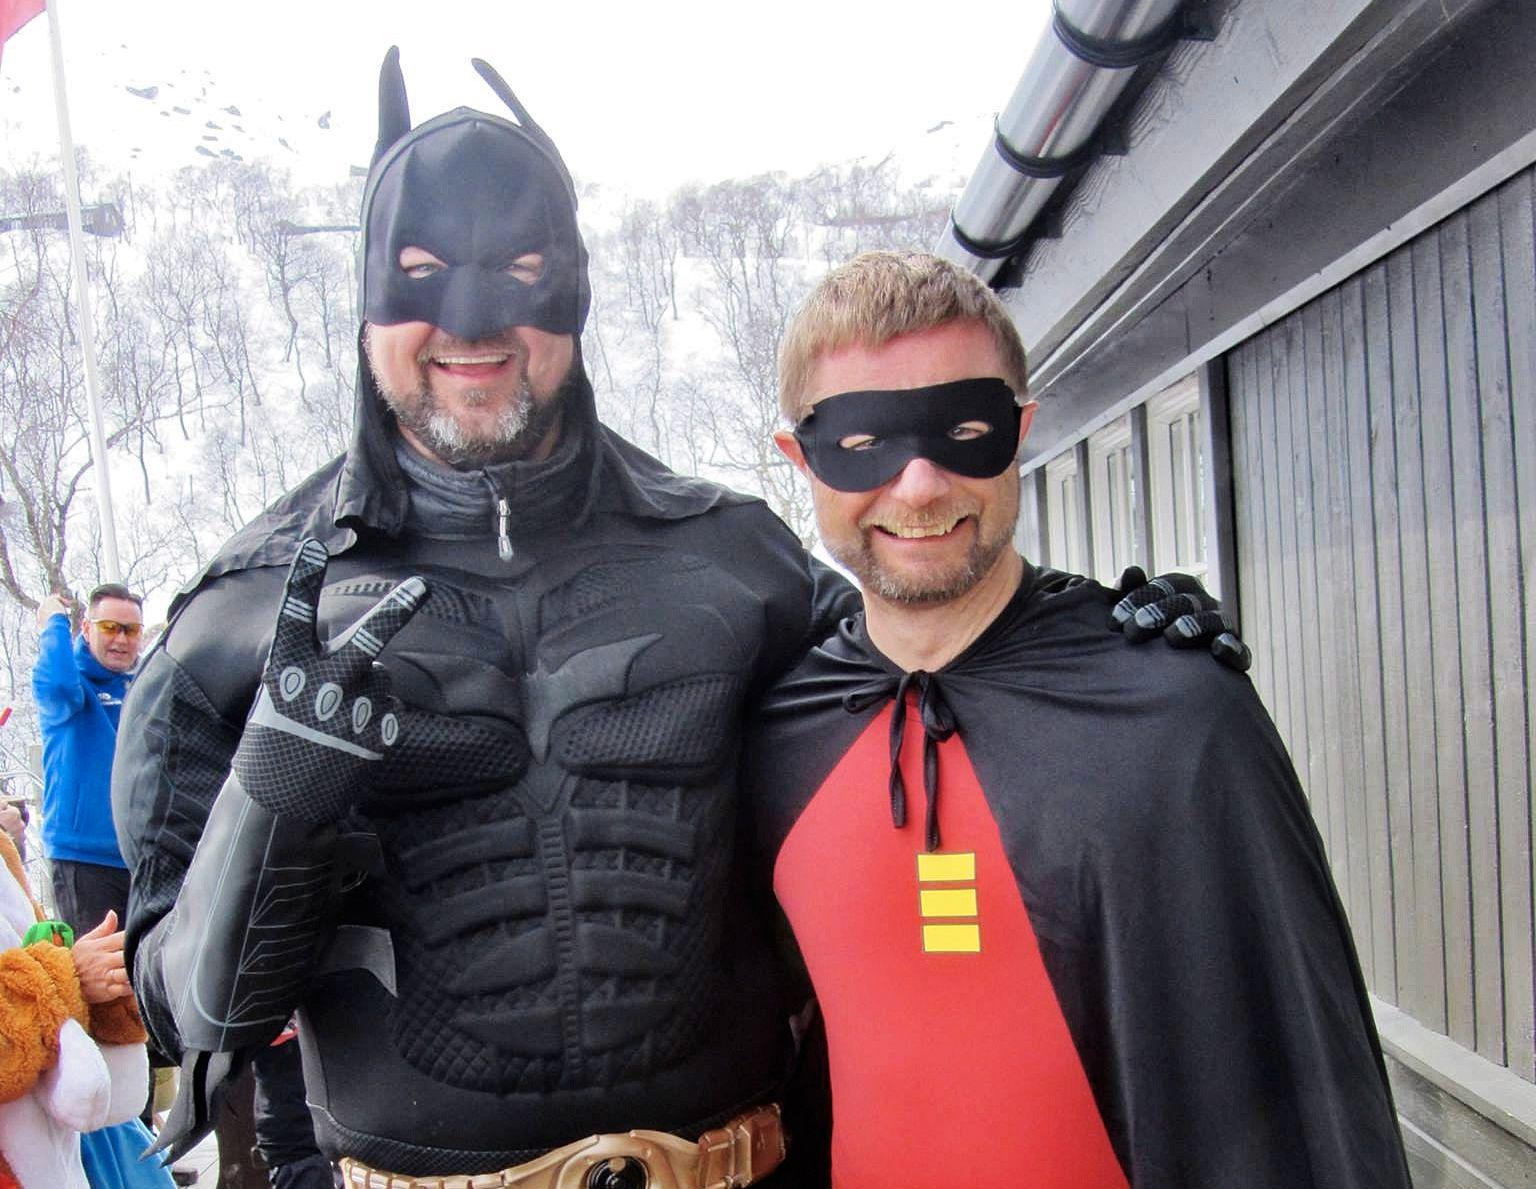 KOSTYMEBALL: Høyres markedssjef Dag Terje Solvang (45) og helseminister Bent Høie (46) - som er gift - som Batman og Robin i påskeskirennet på hytta i Rogland.